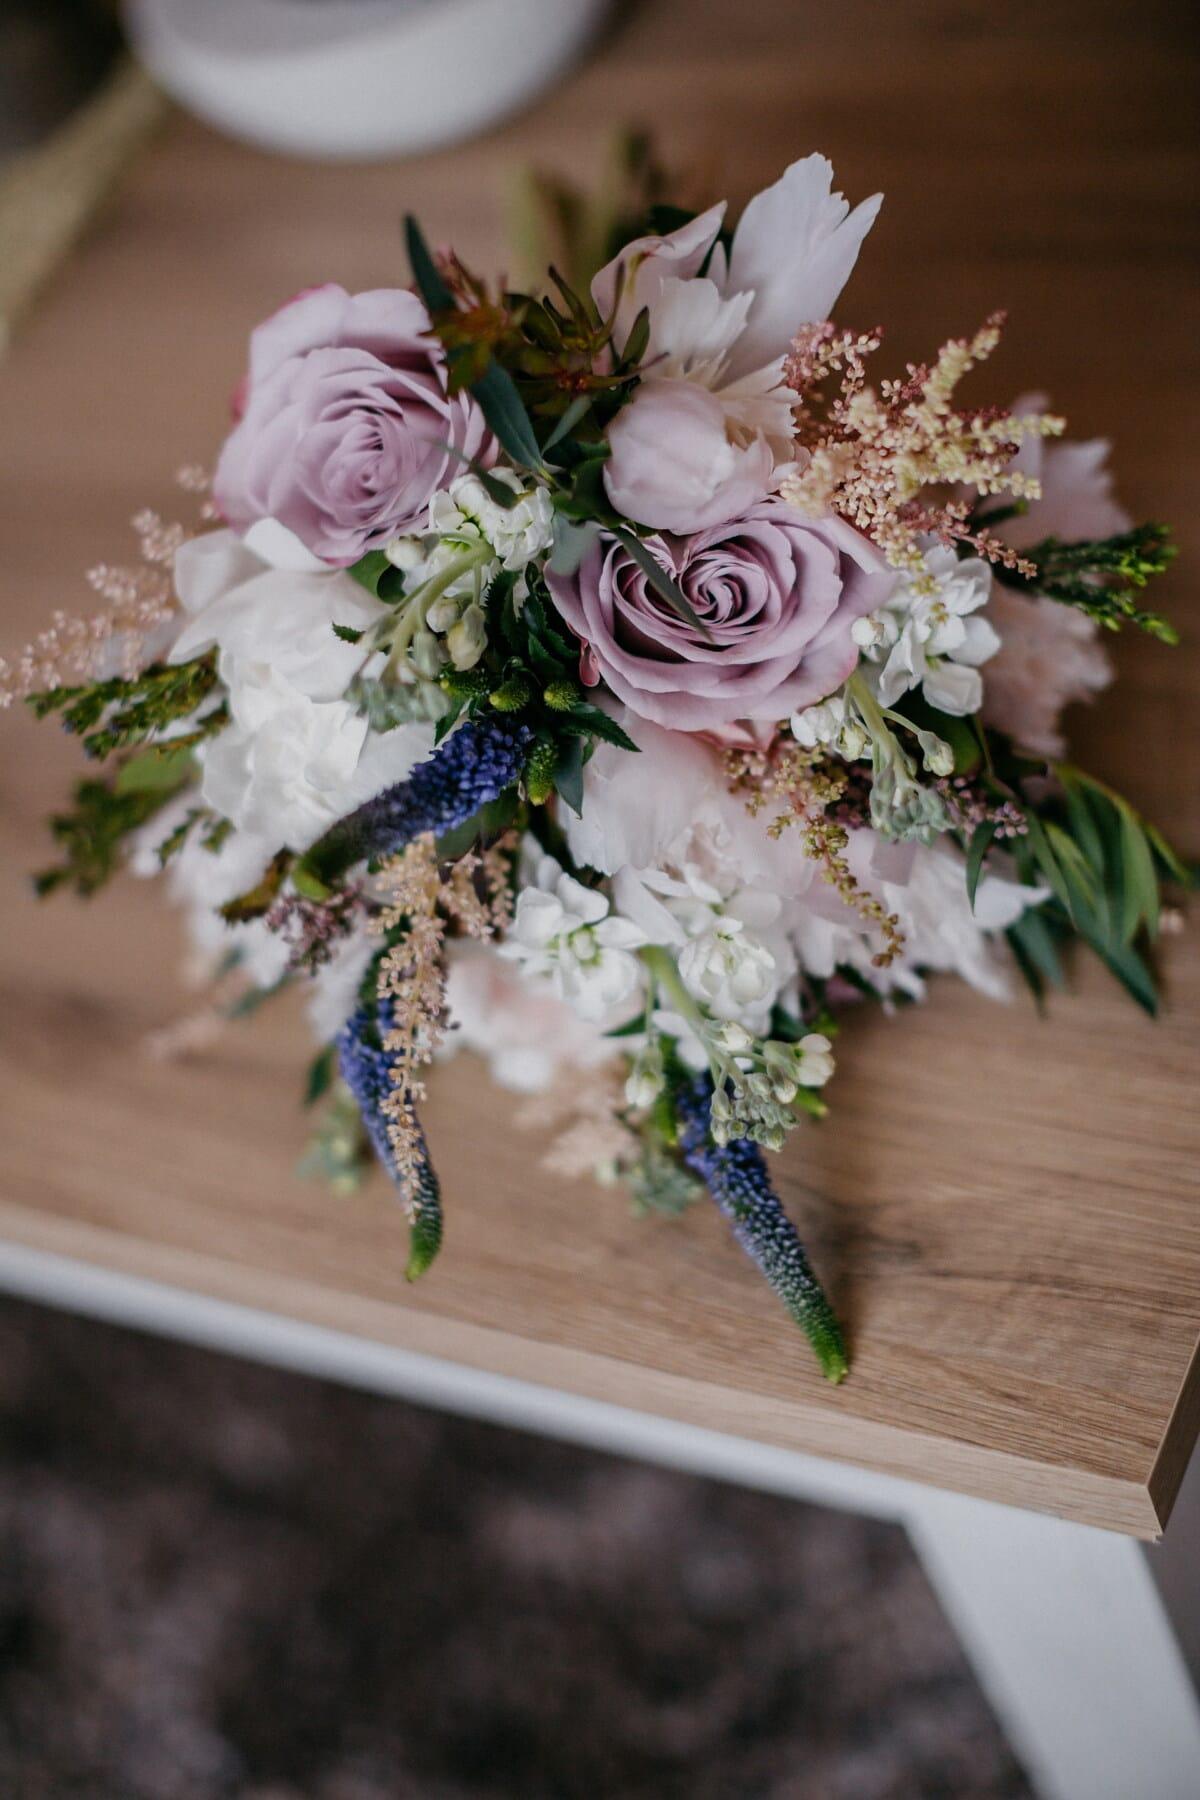 pastel, bouquet, arrangement, fleurs, fleur, décoration, Rose, nature morte, feuille, romance